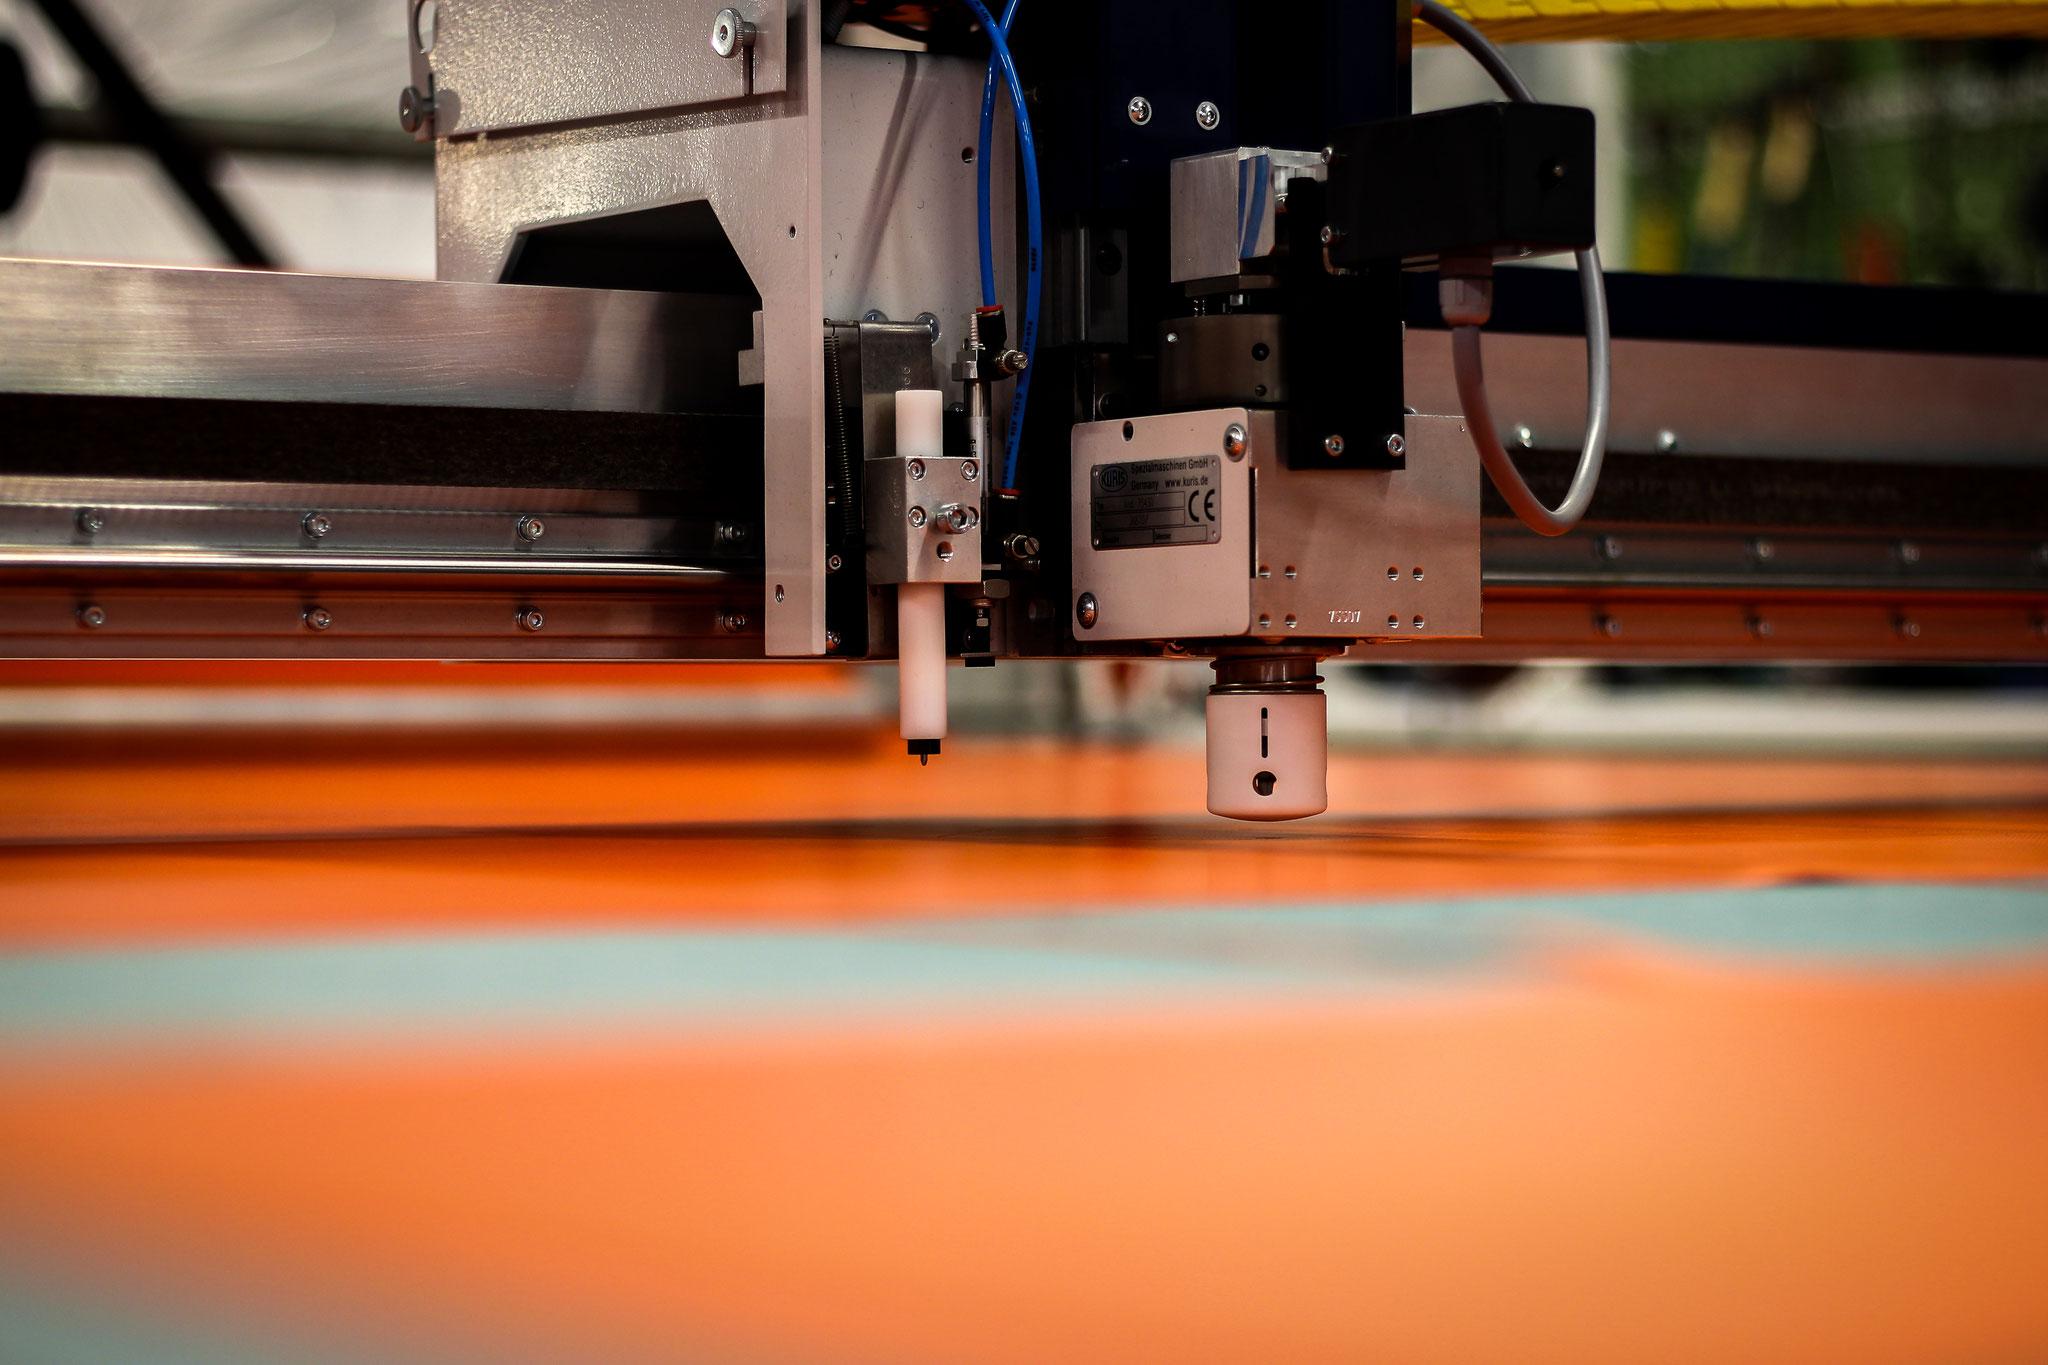 Zu Beginn werden Planenmaterial und Baumwollstoff zugeschnitten. Die Rolle mit dem Rohmaterial wickelt sich hierbei automatisch ab, während ein Messer die zuvor programmierten Wege abläuft